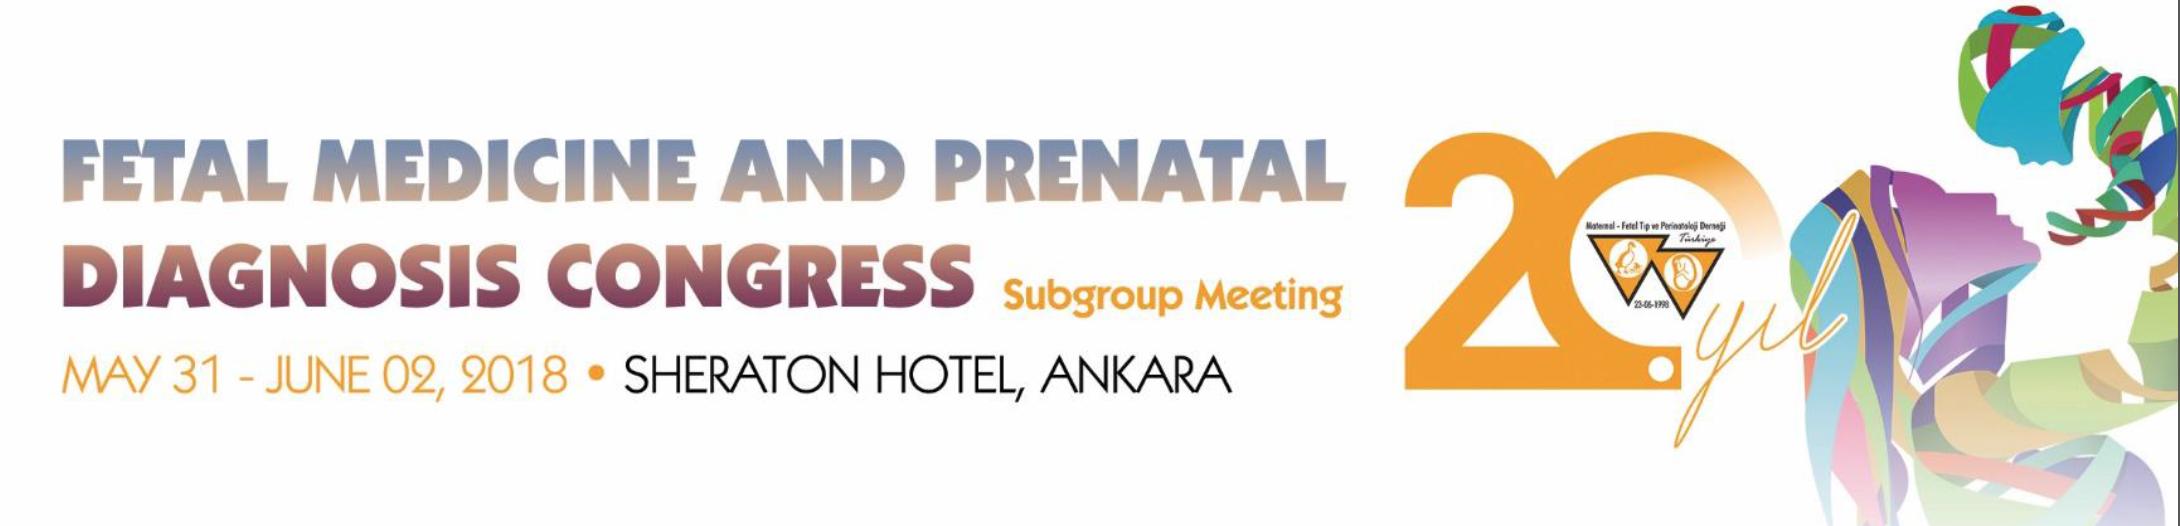 Fetal Medicine and Prenatal Diagnosis Conference 2018